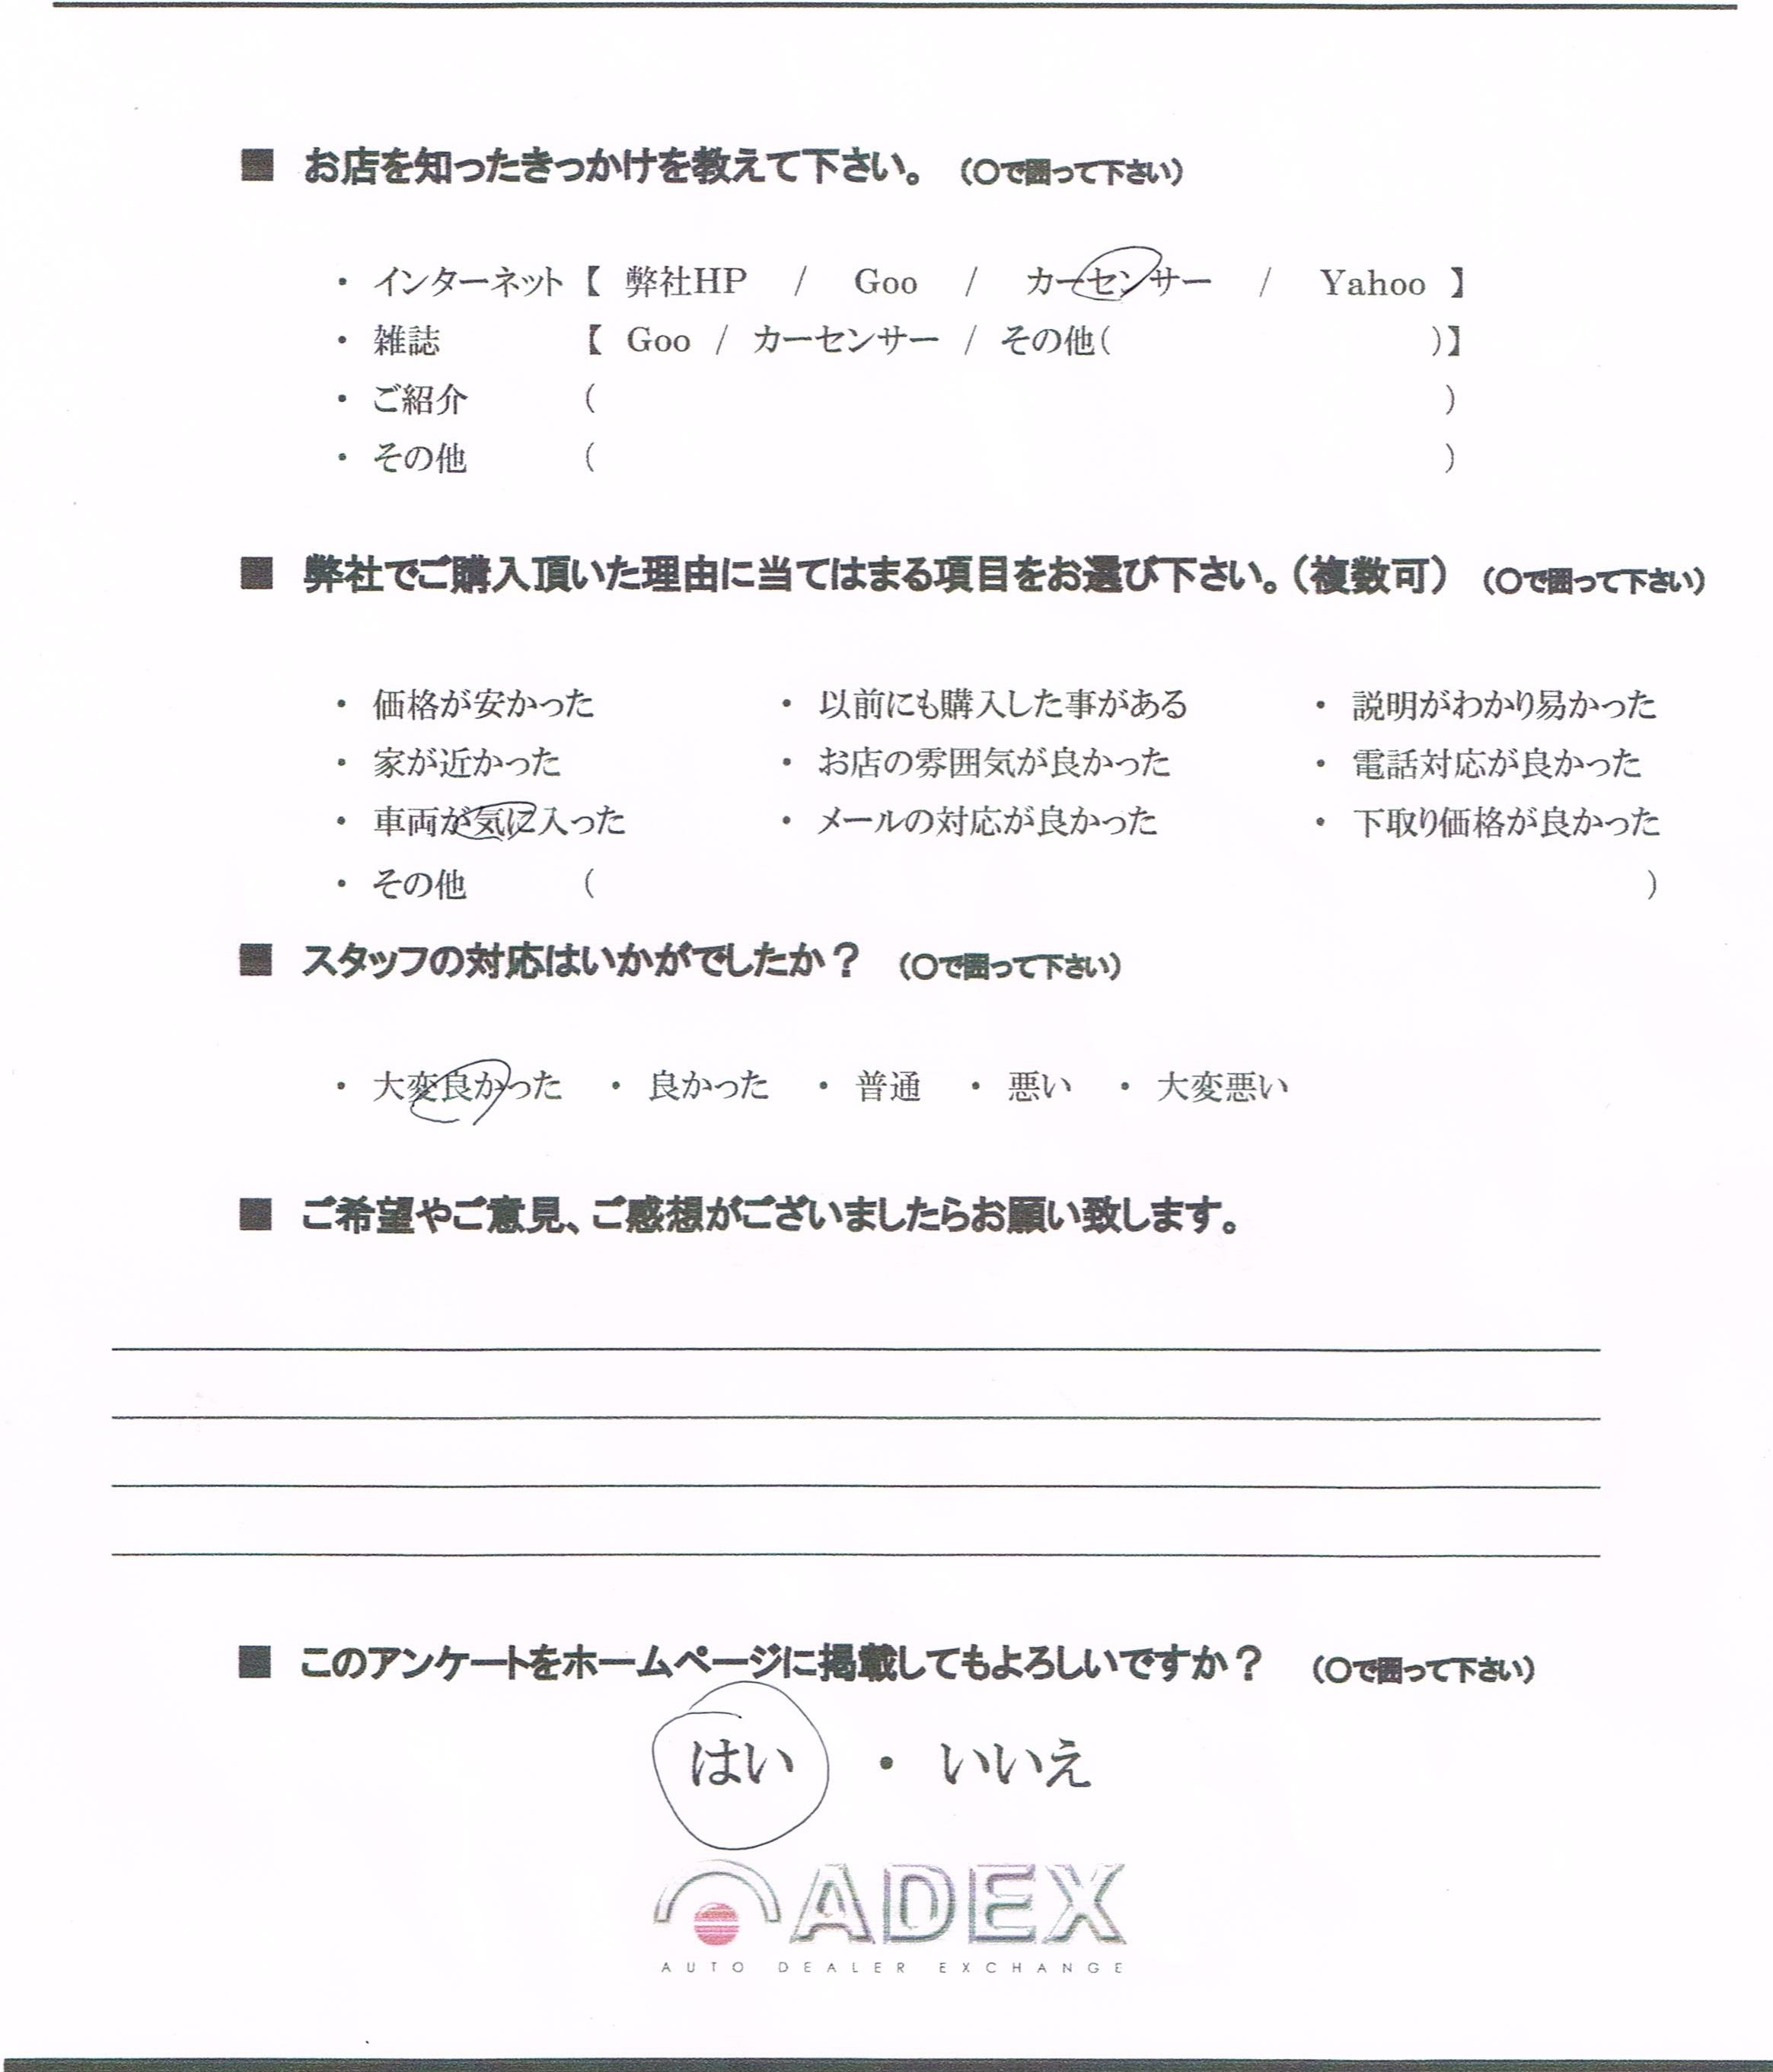 吉田様カマロCCI20151122